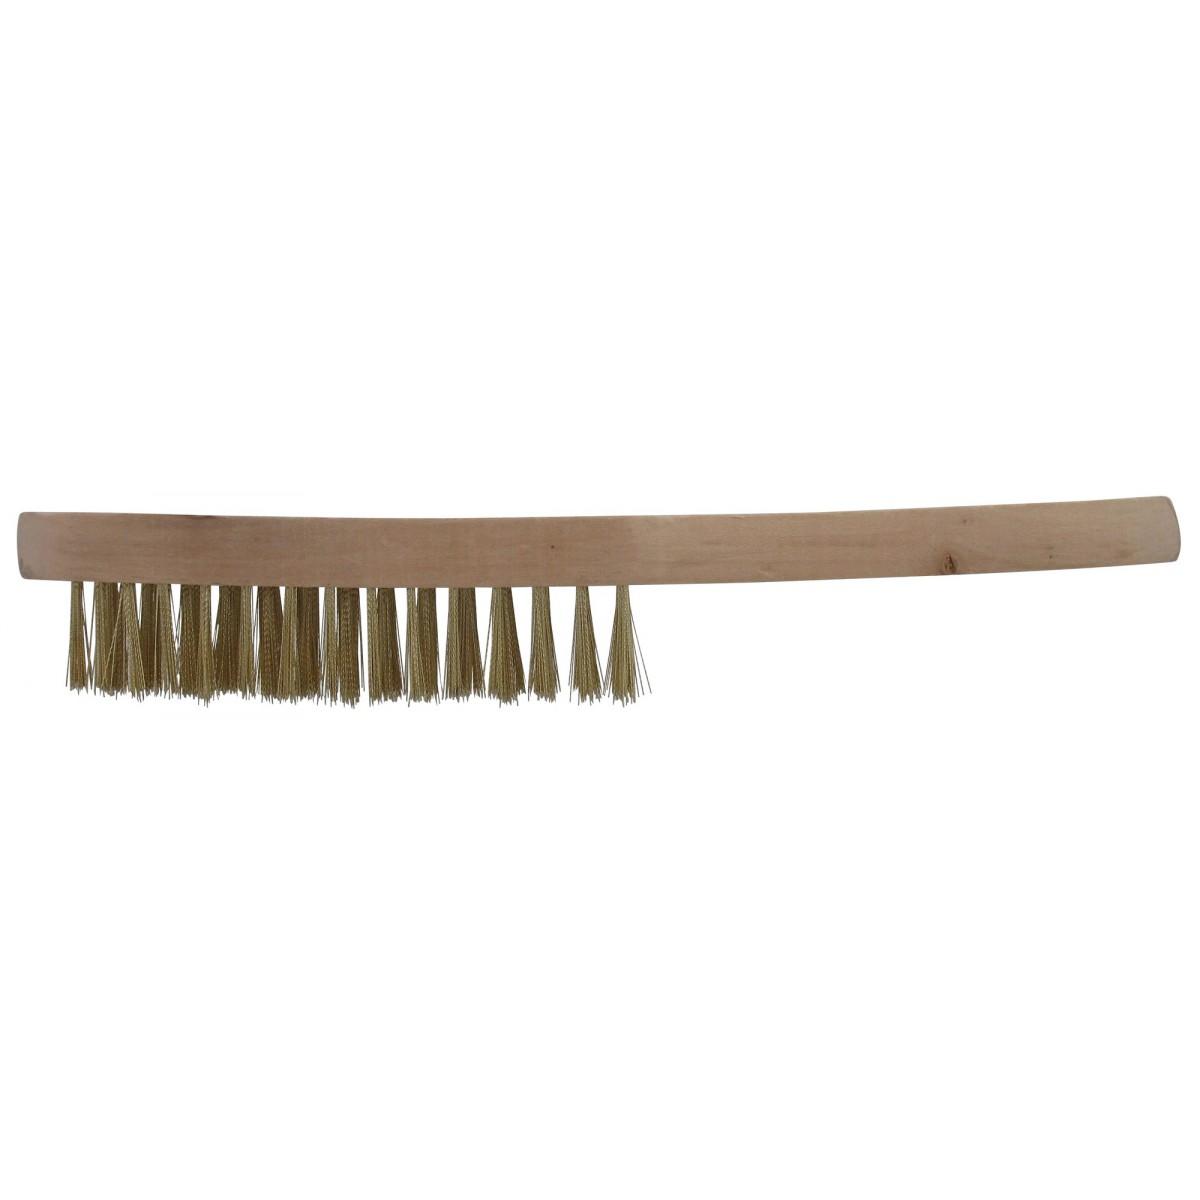 Brosse à manche acier laitonné SCID - Longueur 24 mm